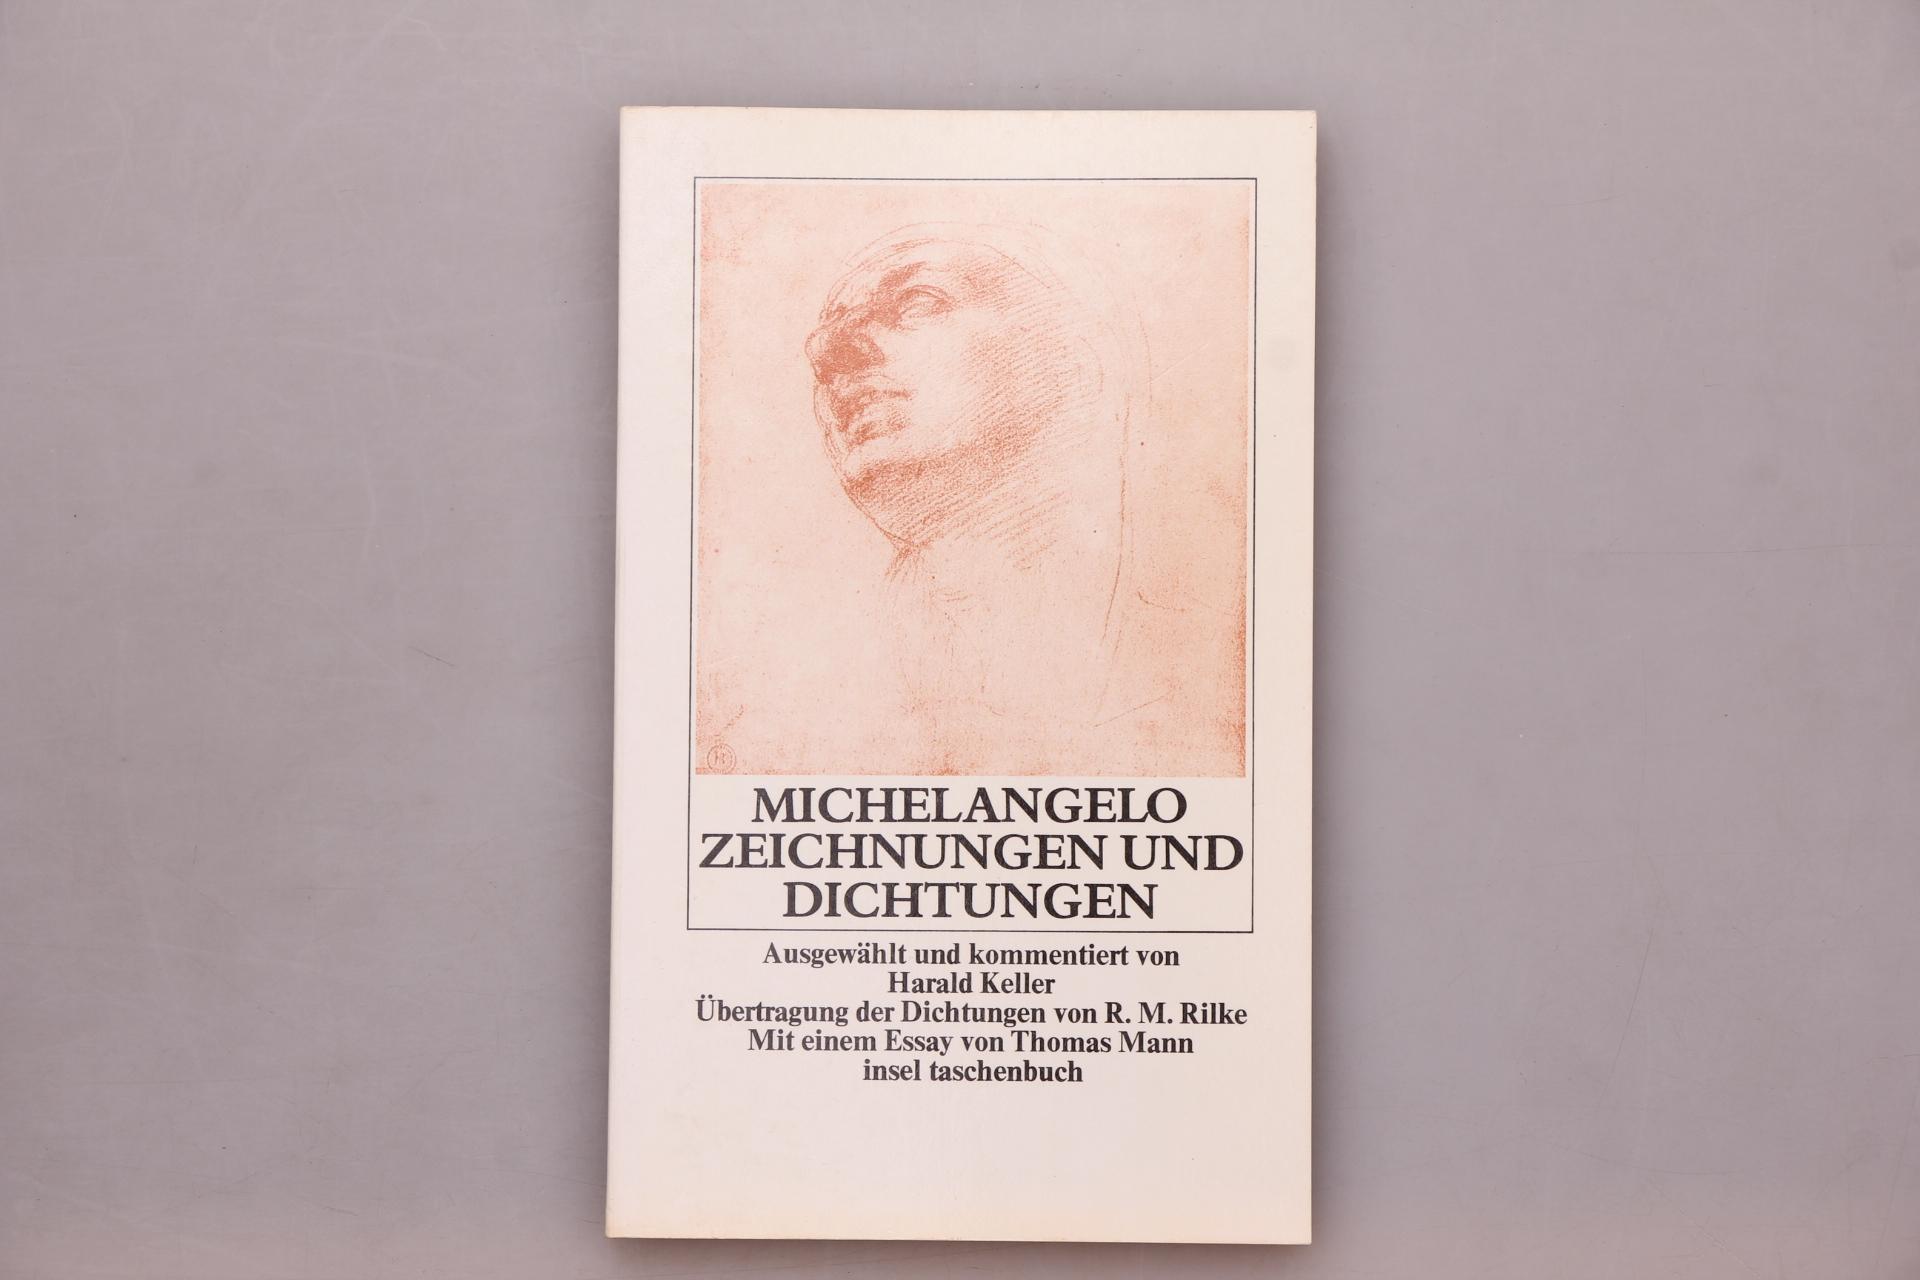 MICHELANGELO - ZEICHNUNGEN UND DICHTUNGEN